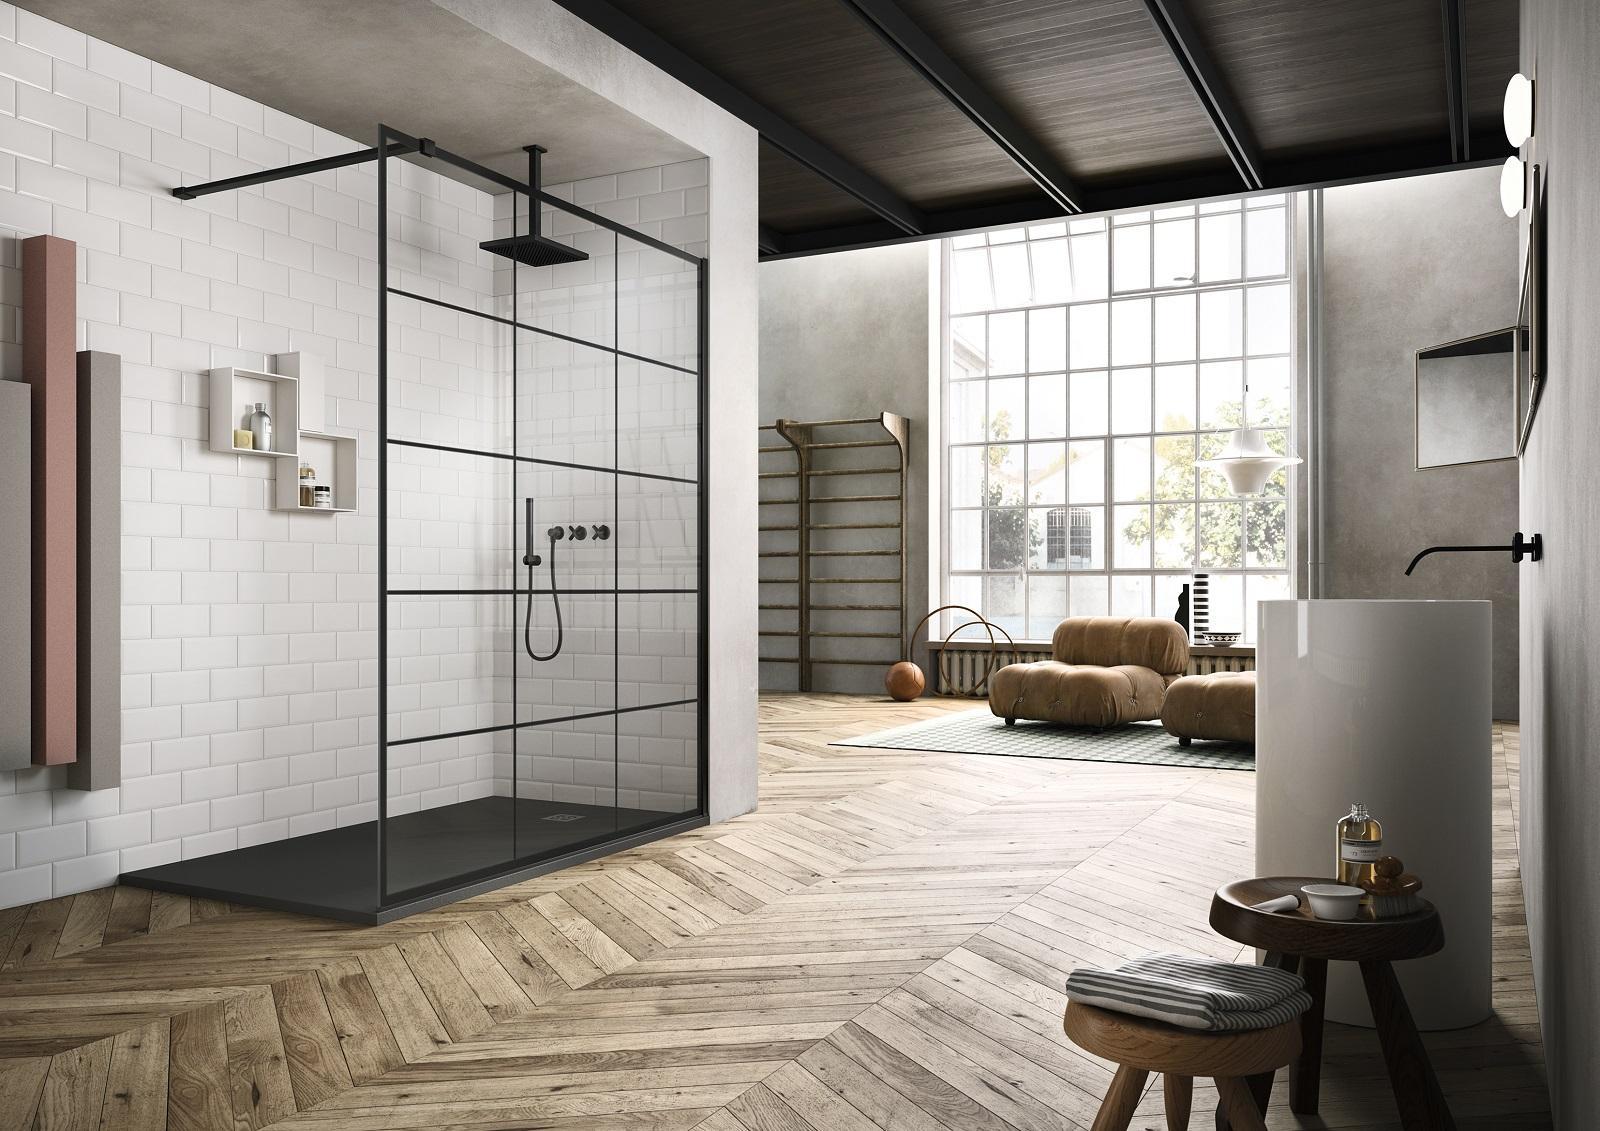 Sostituire la vasca con la doccia soluzioni a confronto cose